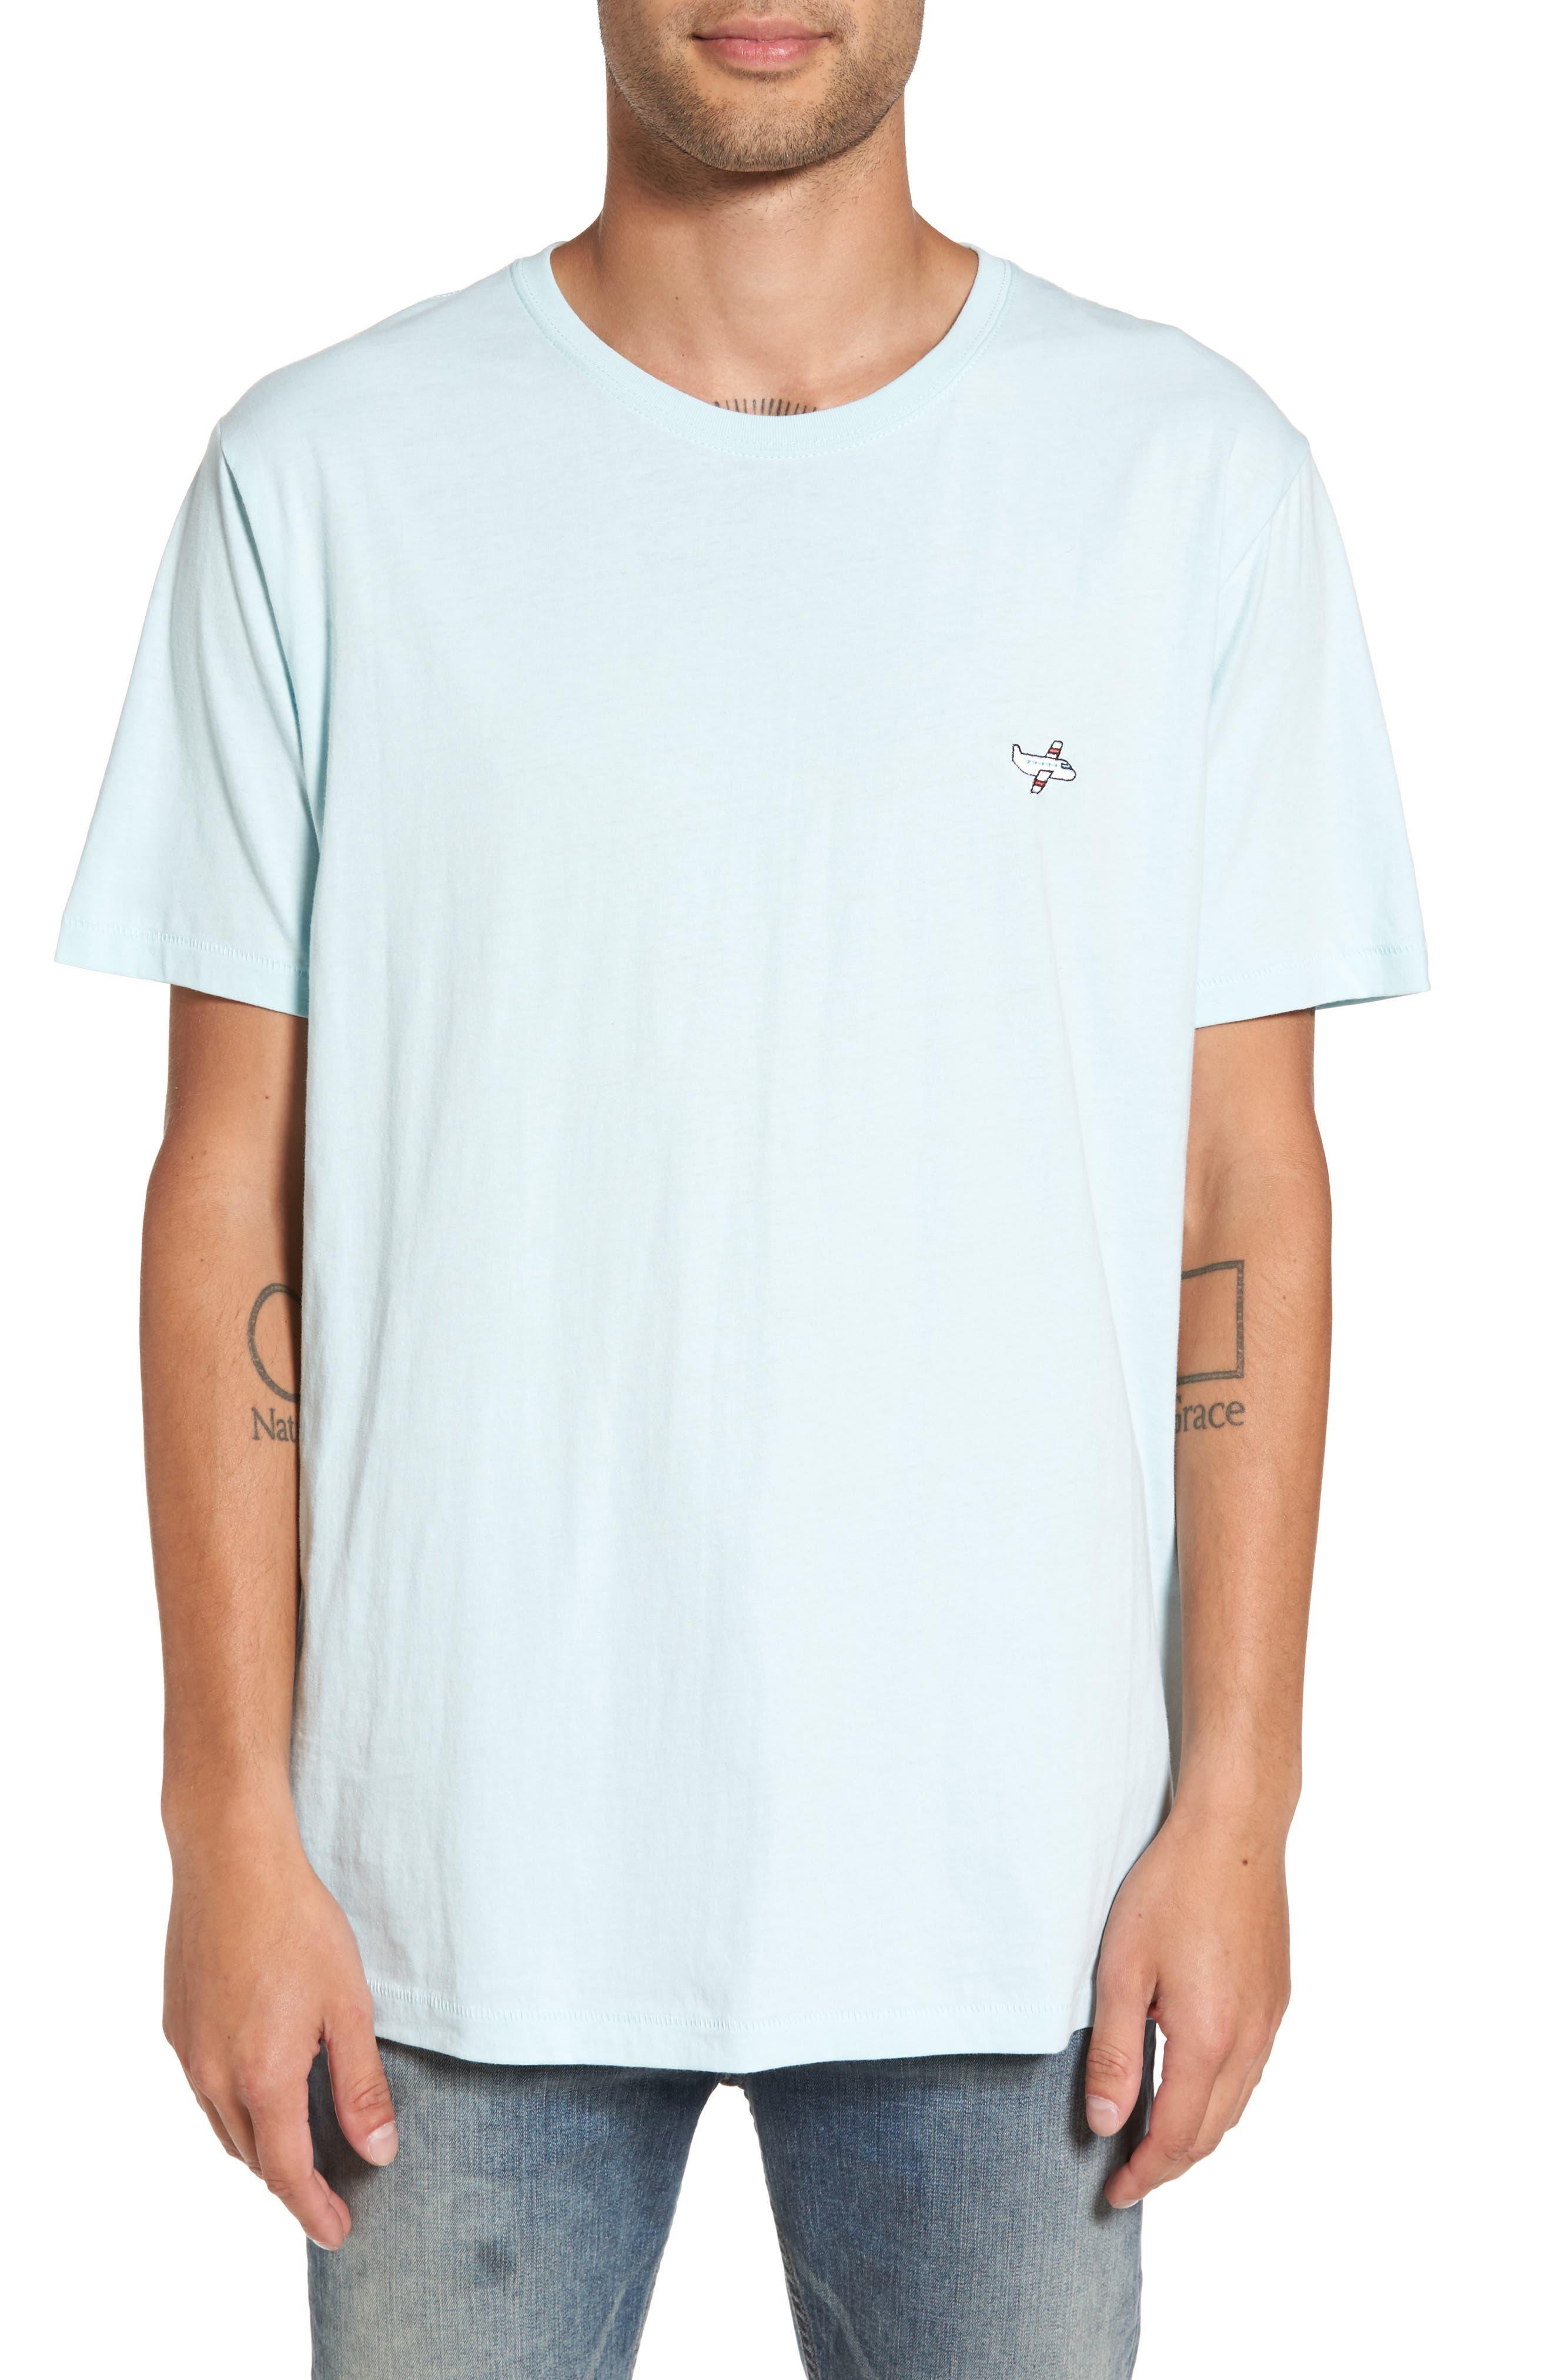 Barney Cools Aeroplane Appliqué T-Shirt